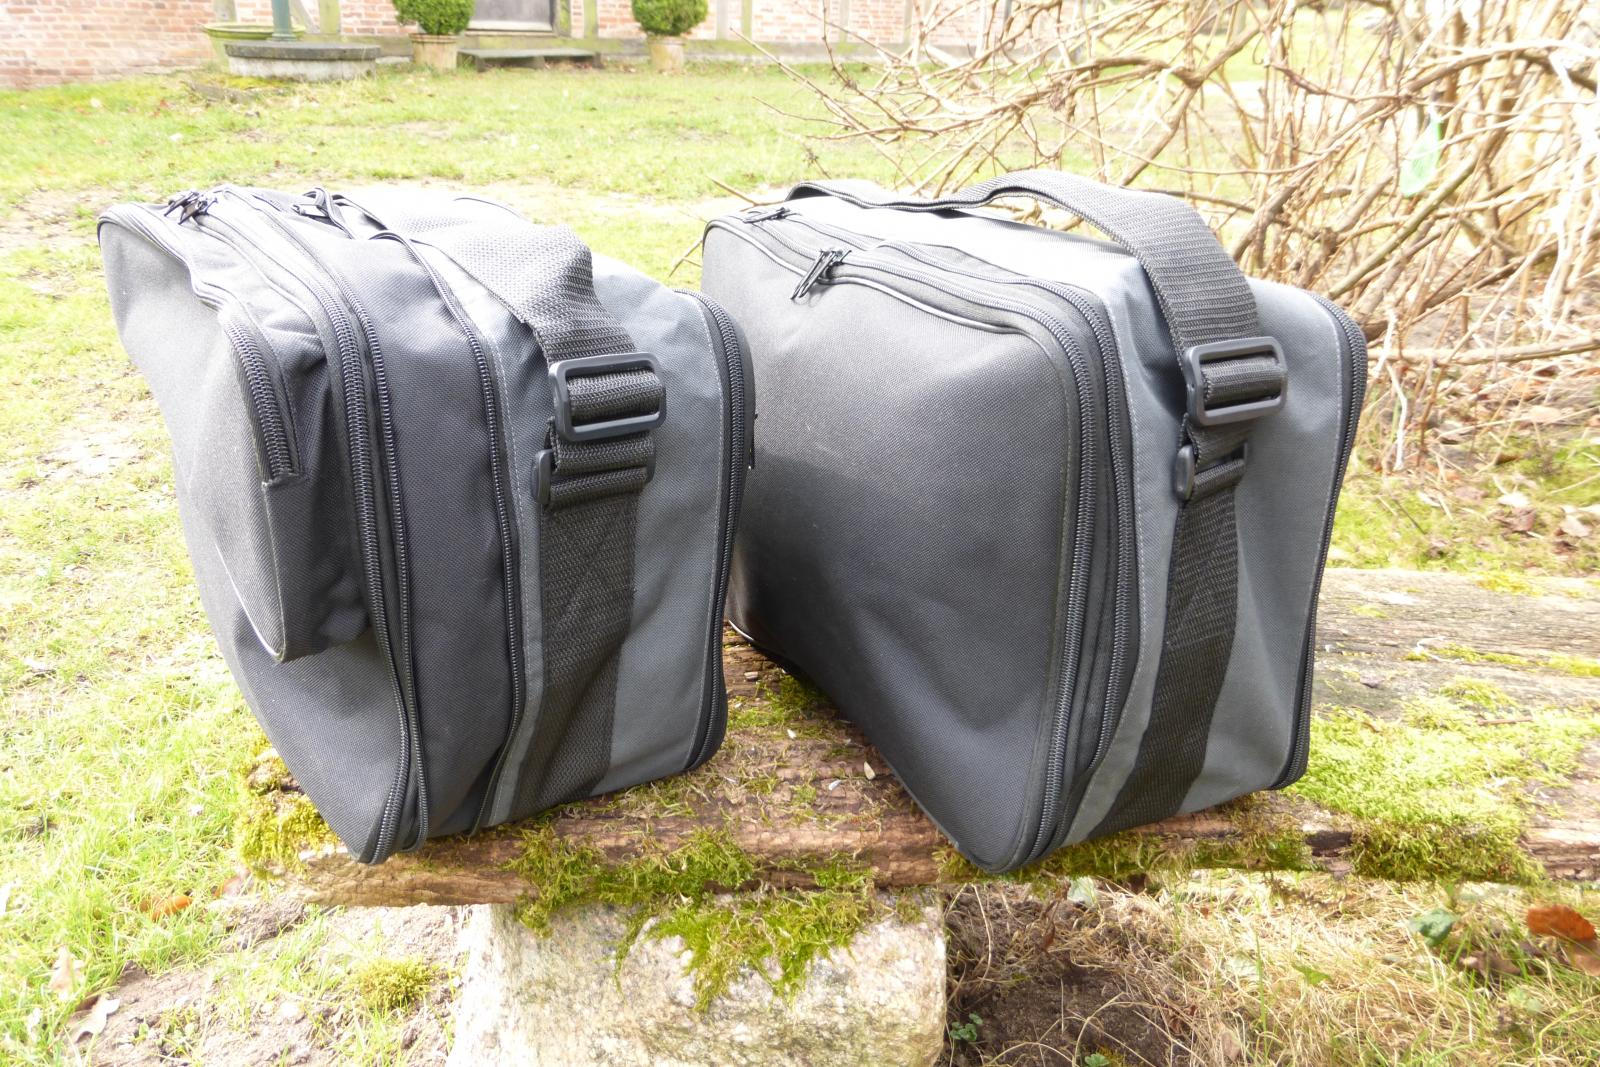 textilinnentaschen f r bmw vario koffer an r 1200 gs bj. Black Bedroom Furniture Sets. Home Design Ideas